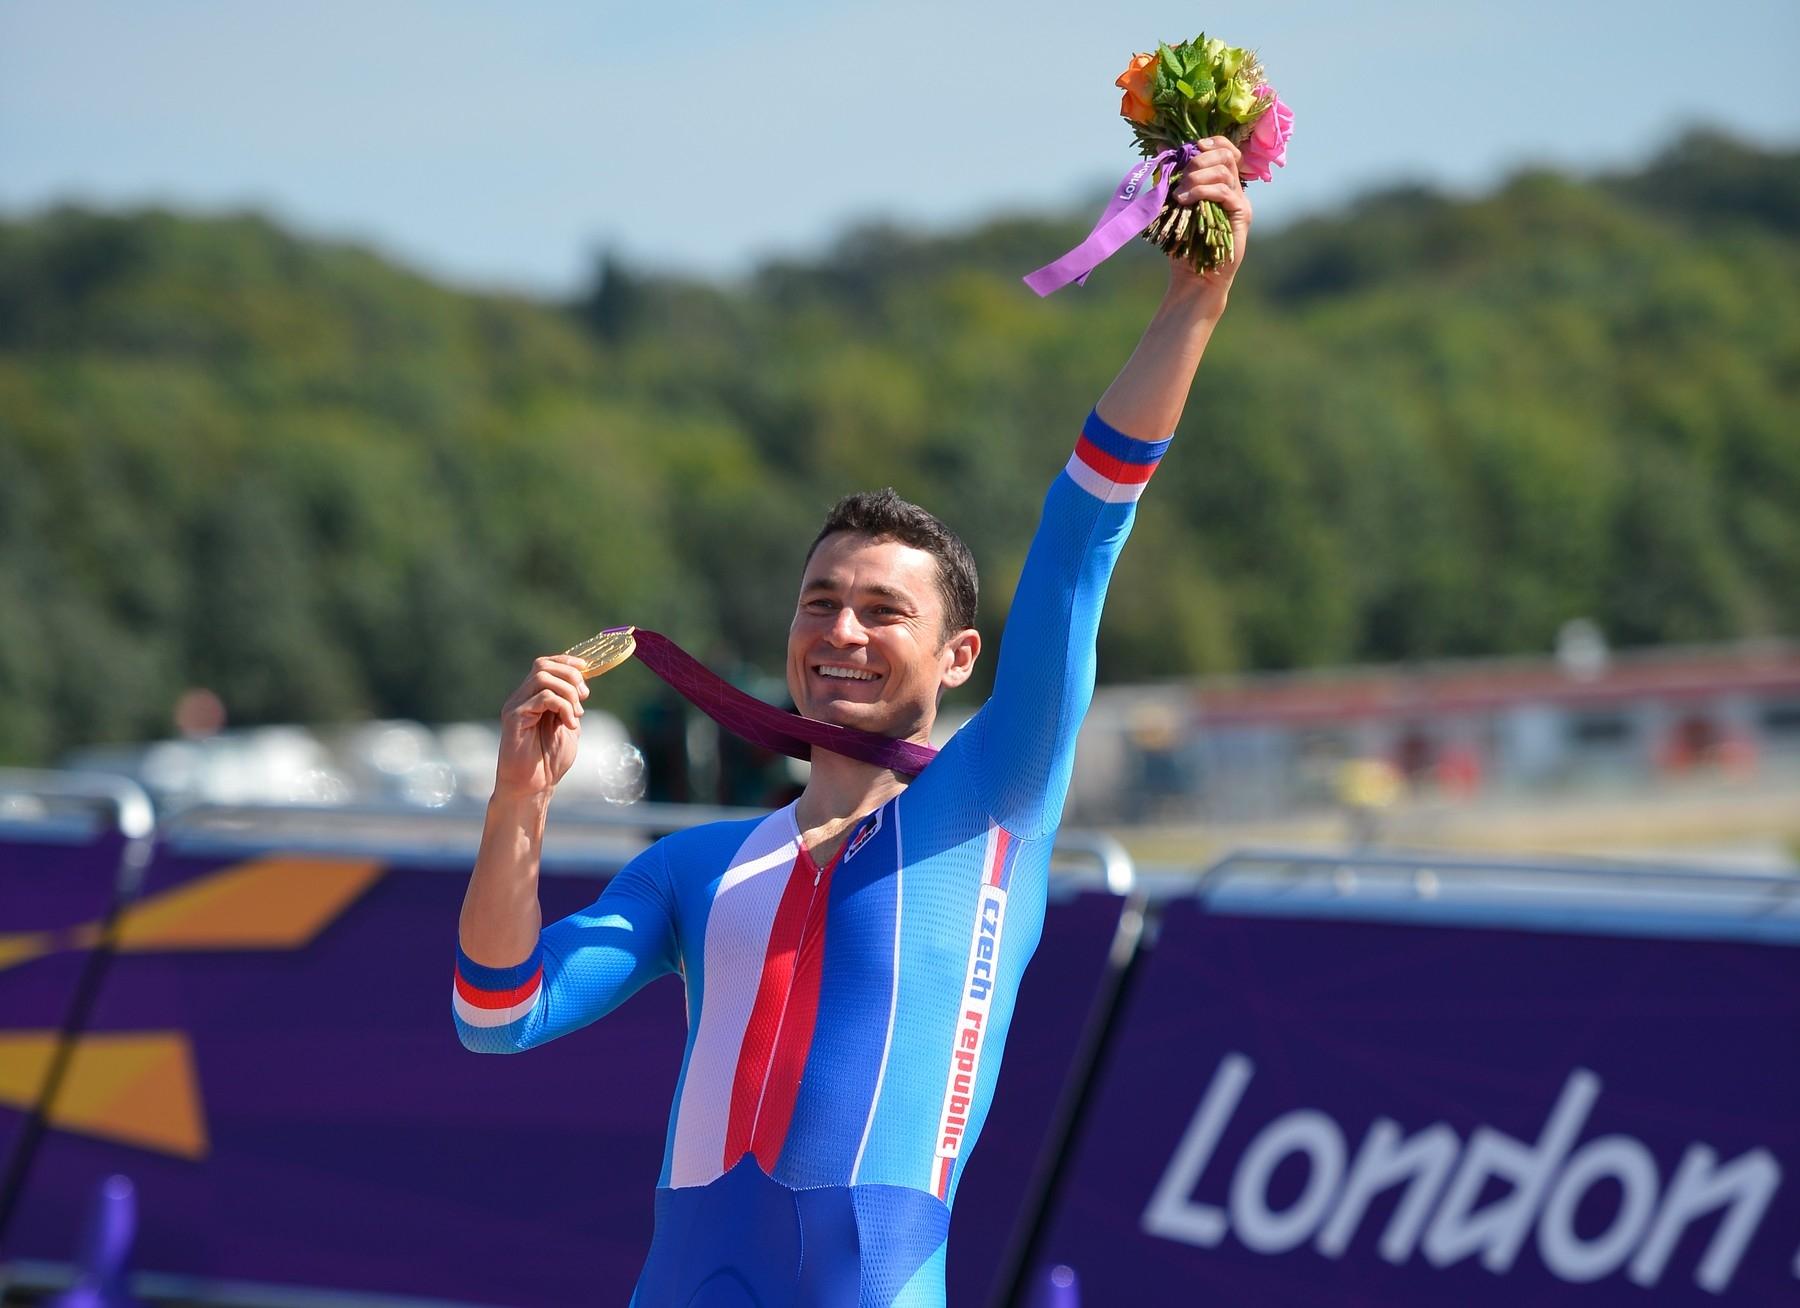 Cyklista Jiří Ježek se zlatou medailí na paralympijských hrách v Londýně 2012. Foto: profimedia